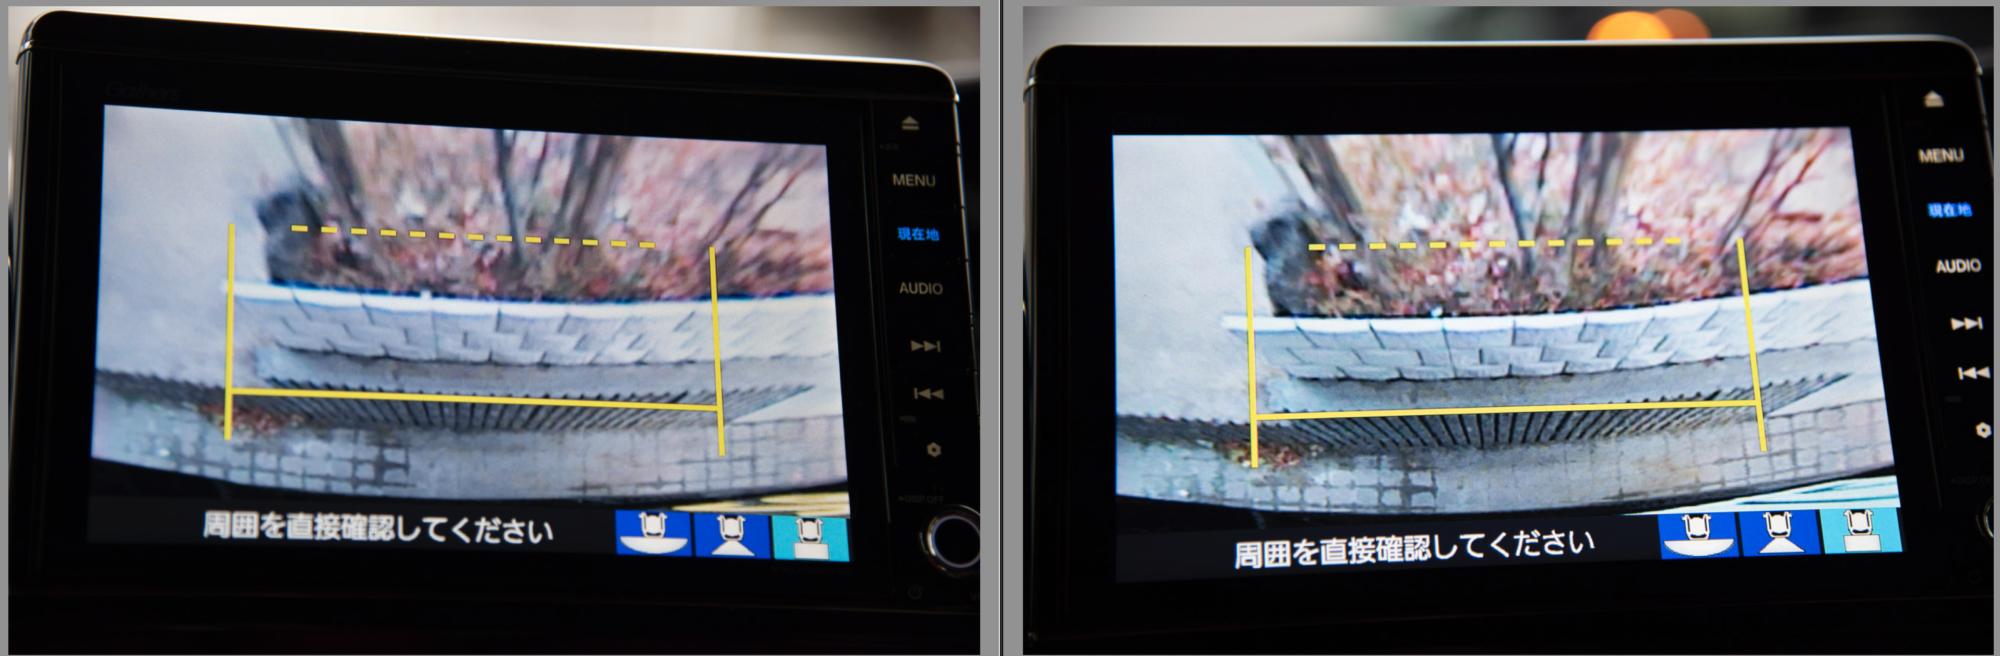 N-Boxバックカメラ